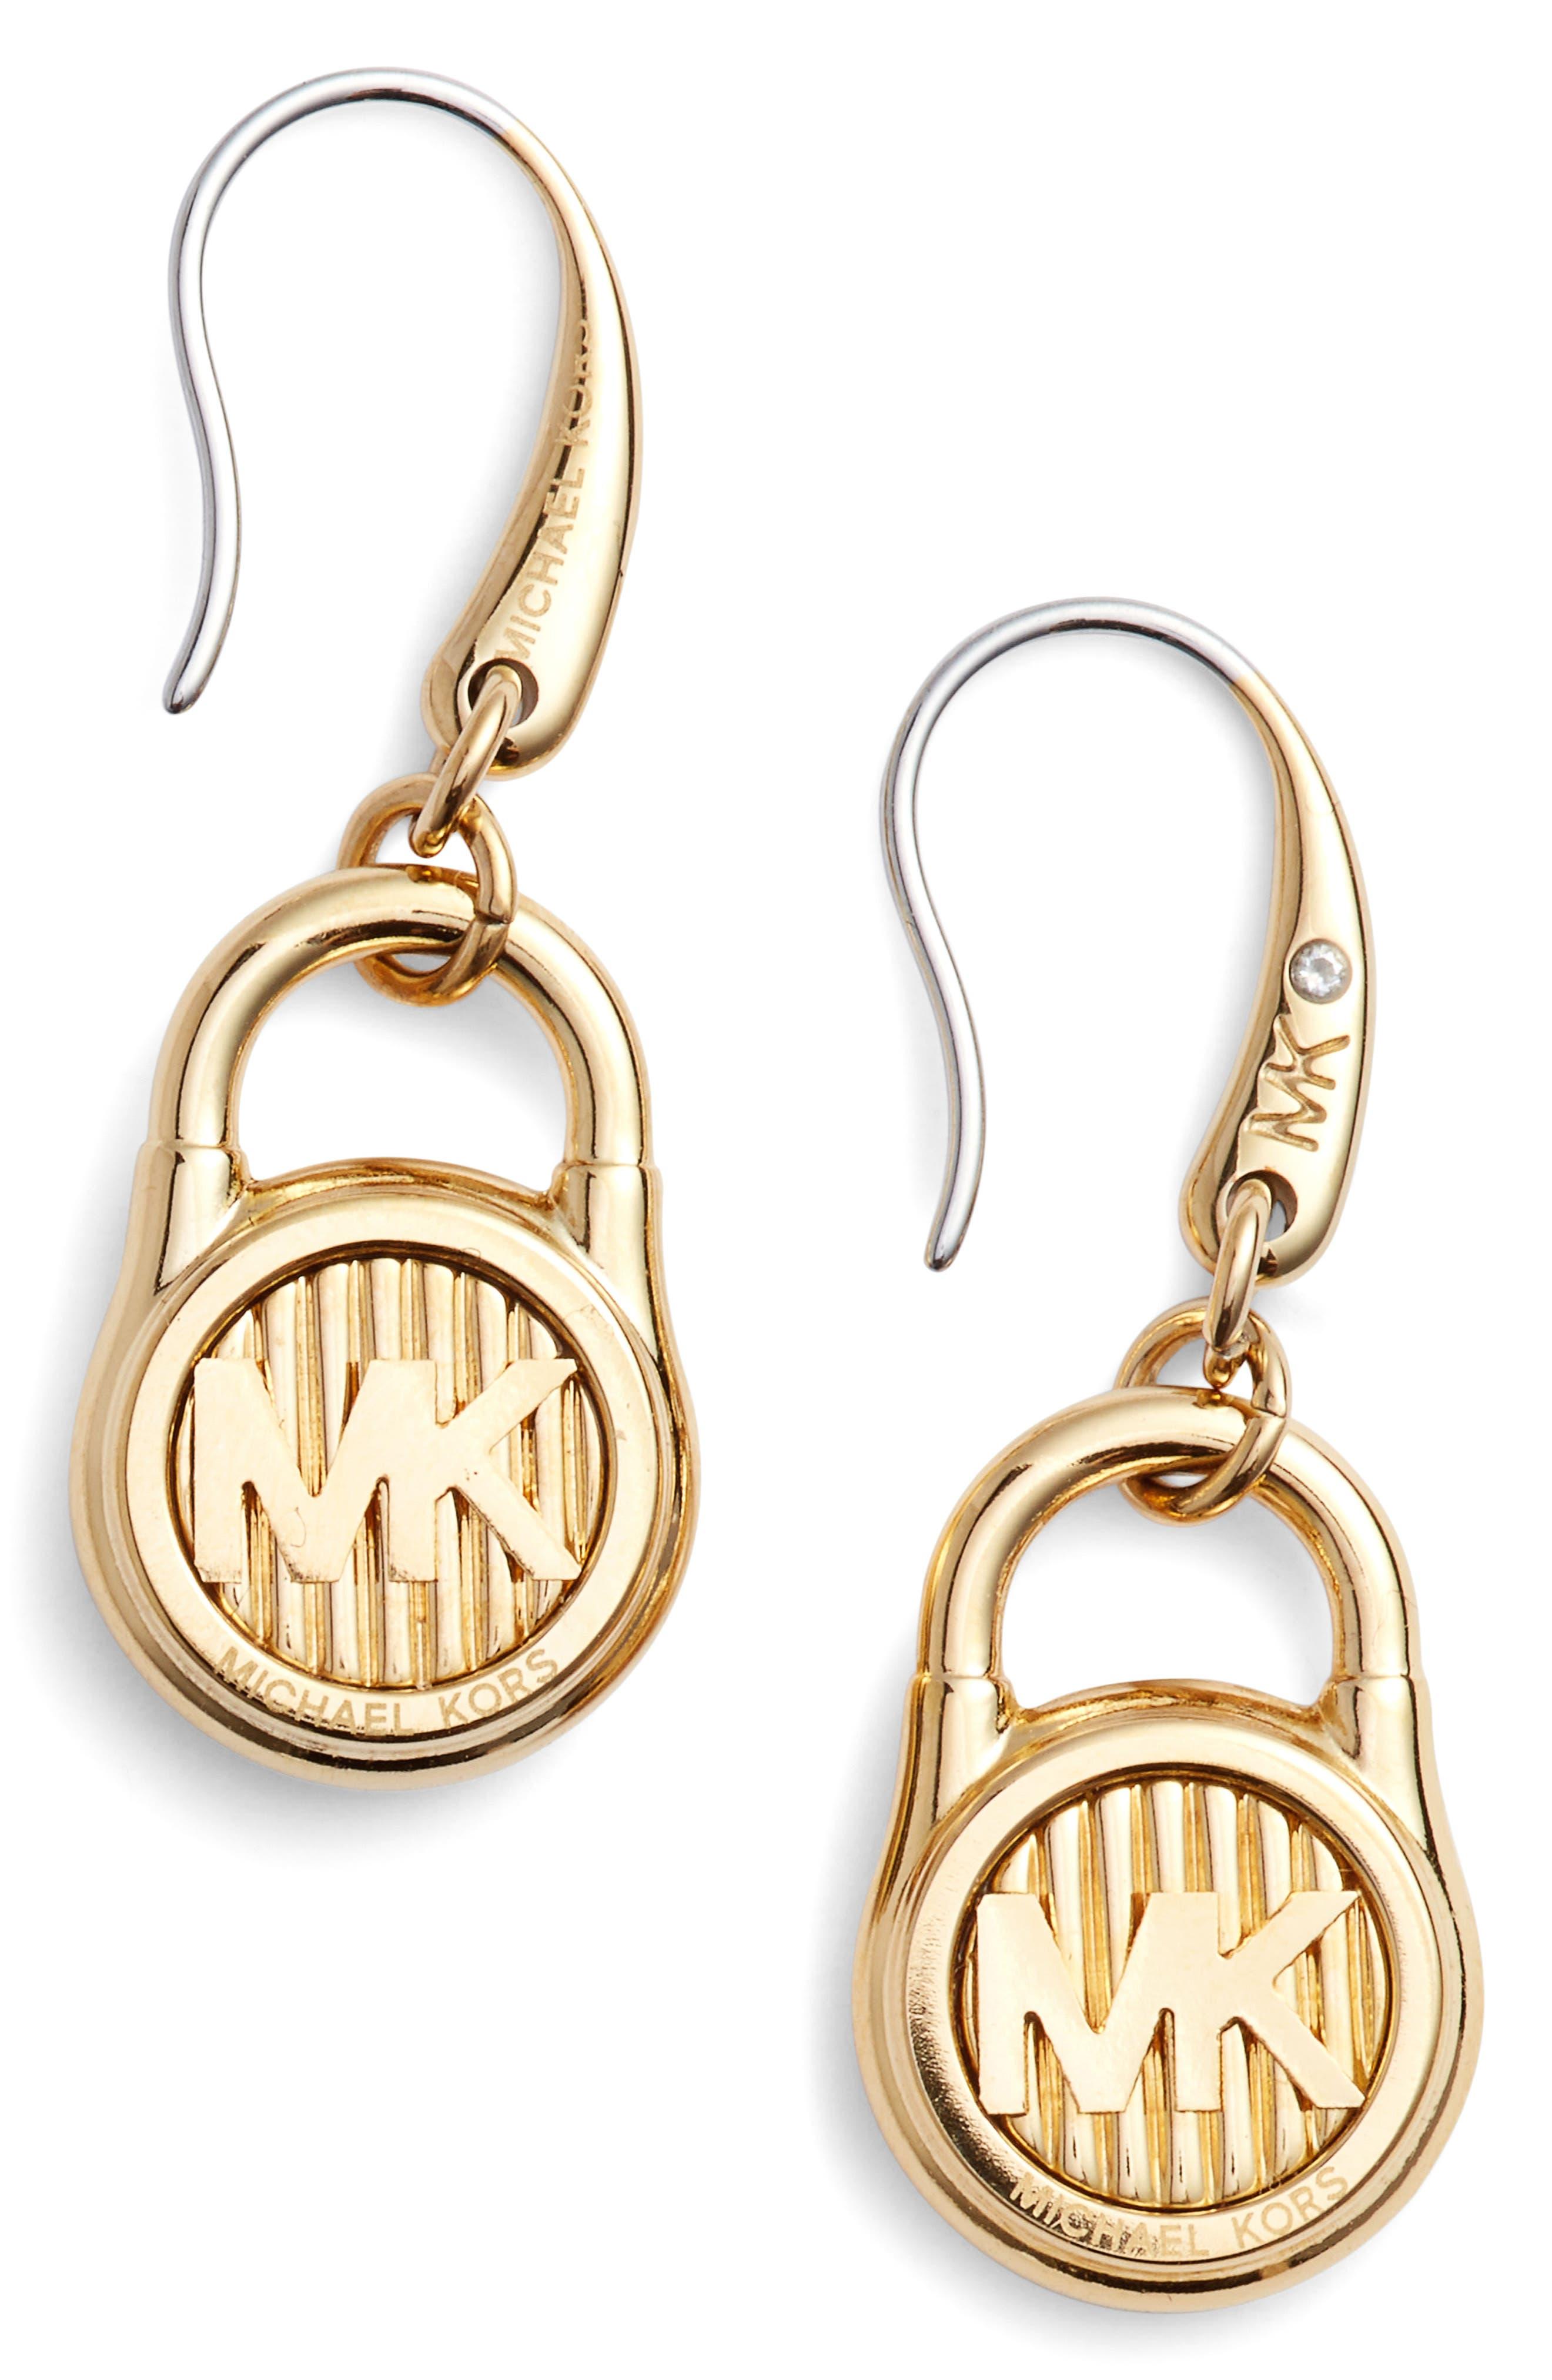 Main Image - Michael Kors Padlock Drop Earrings